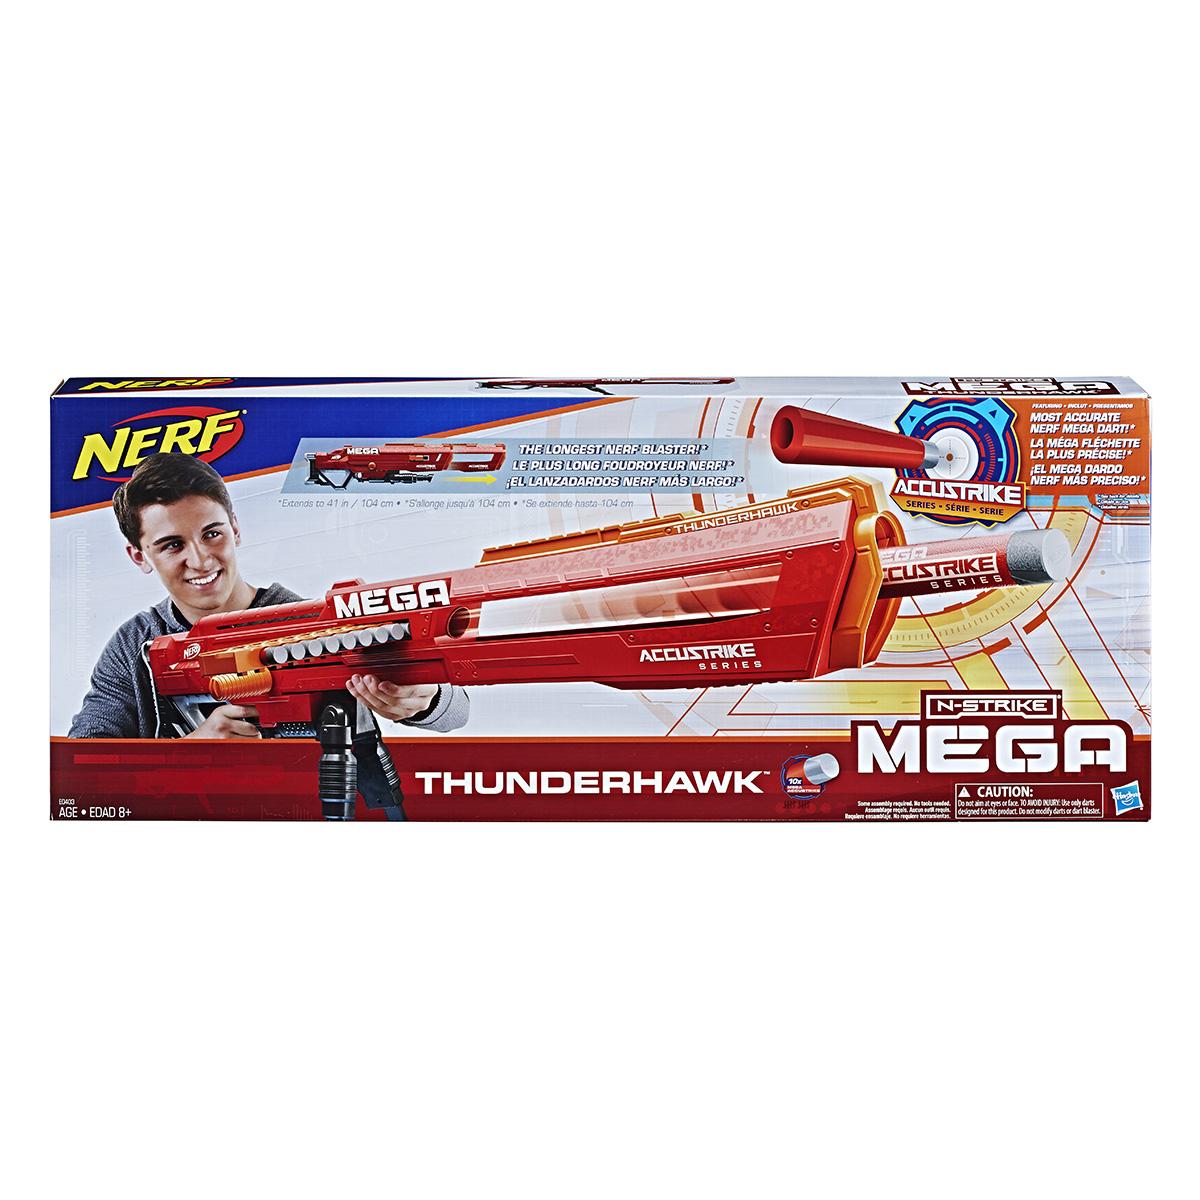 Nerf blaster - Mega Thunderhawk